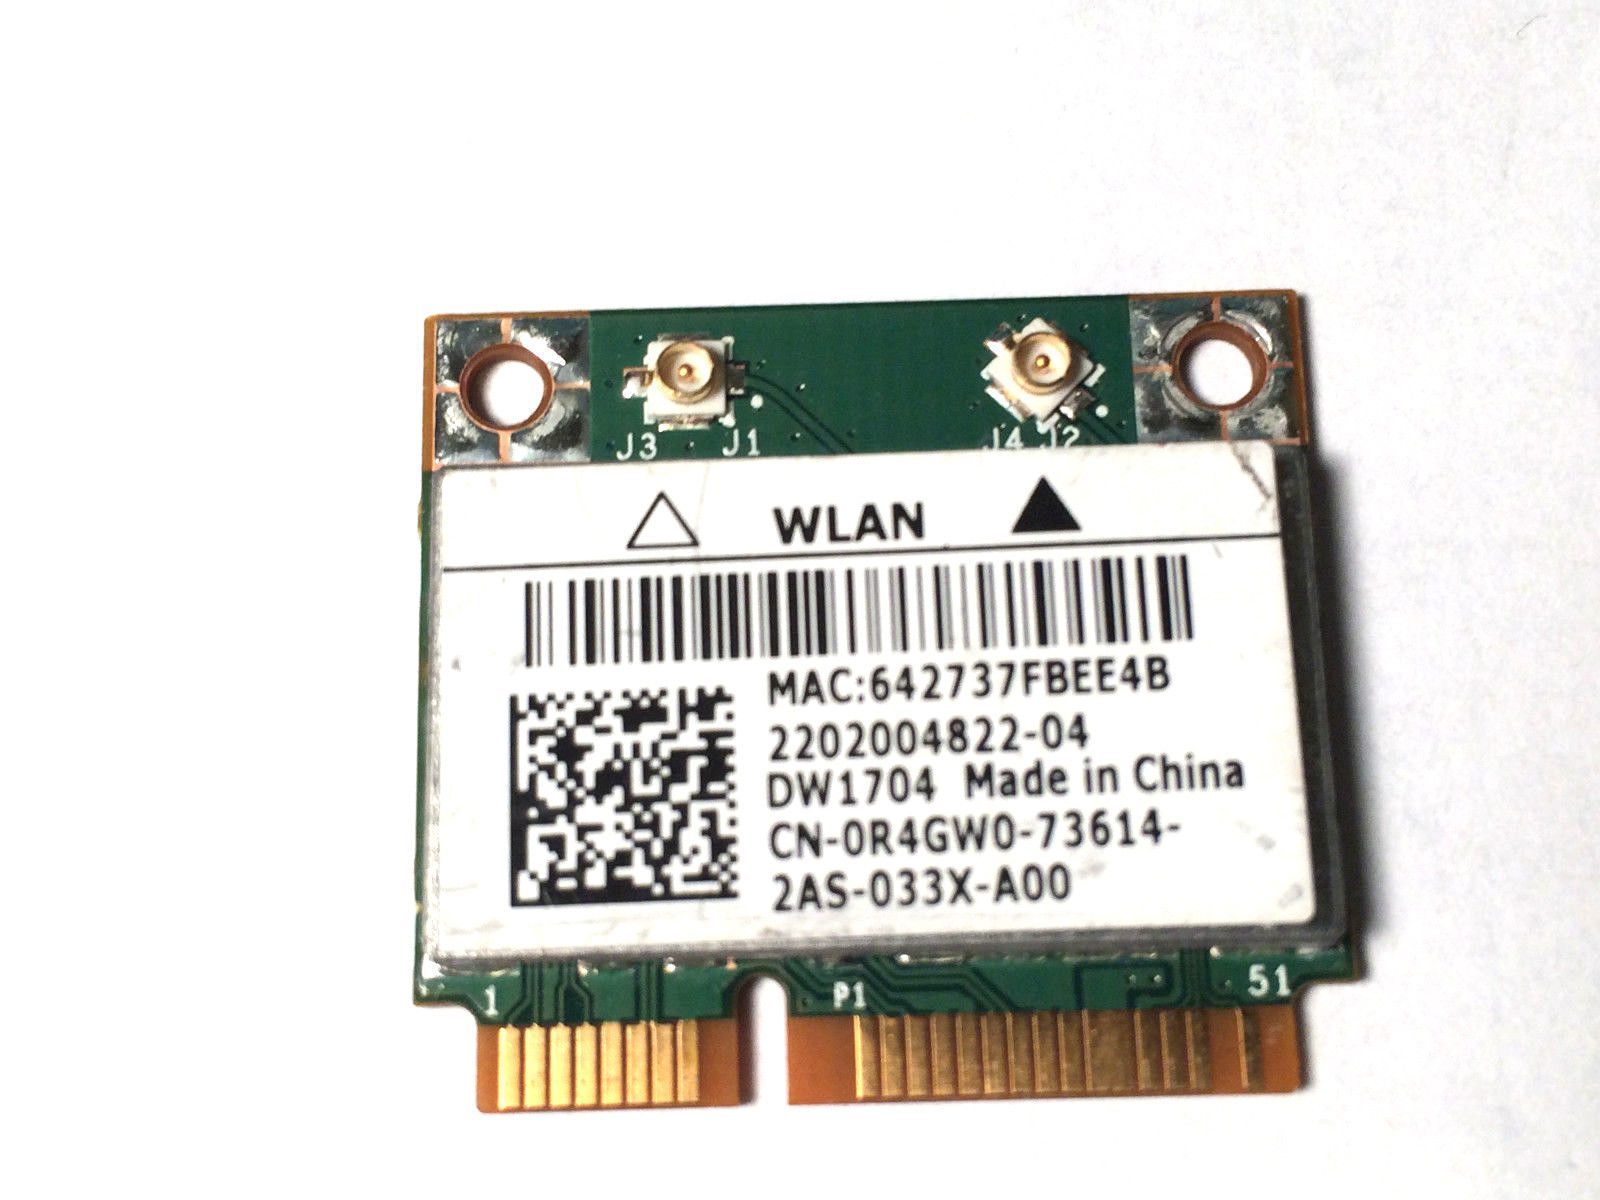 DELL DW1704 Wireless N Card Mini-Card R4GW0 Broadcom BCM943142HM BRCM1063